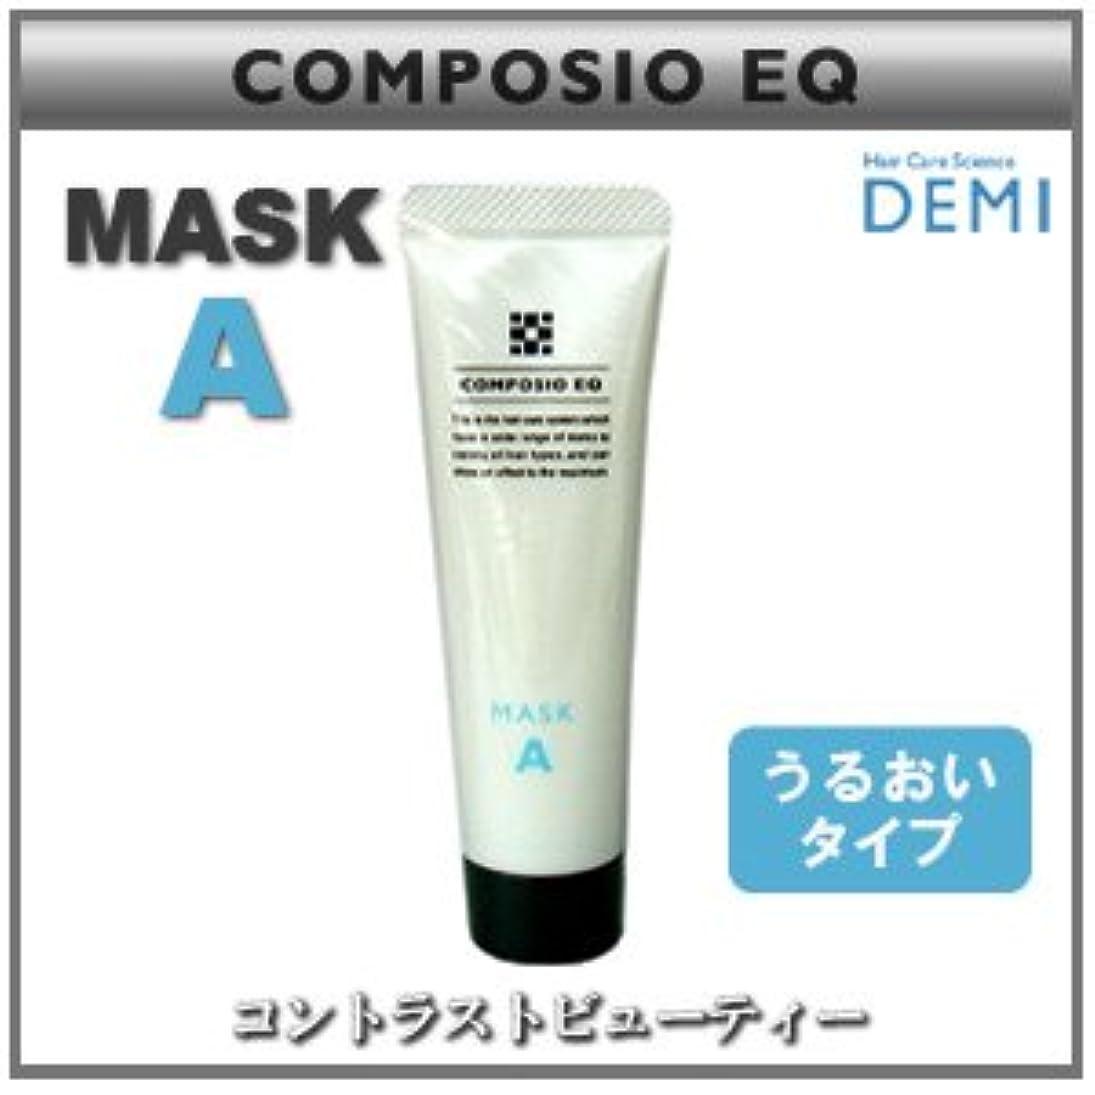 化学者戦うレーザ【X2個セット】 デミ コンポジオ EQ マスク A 50g